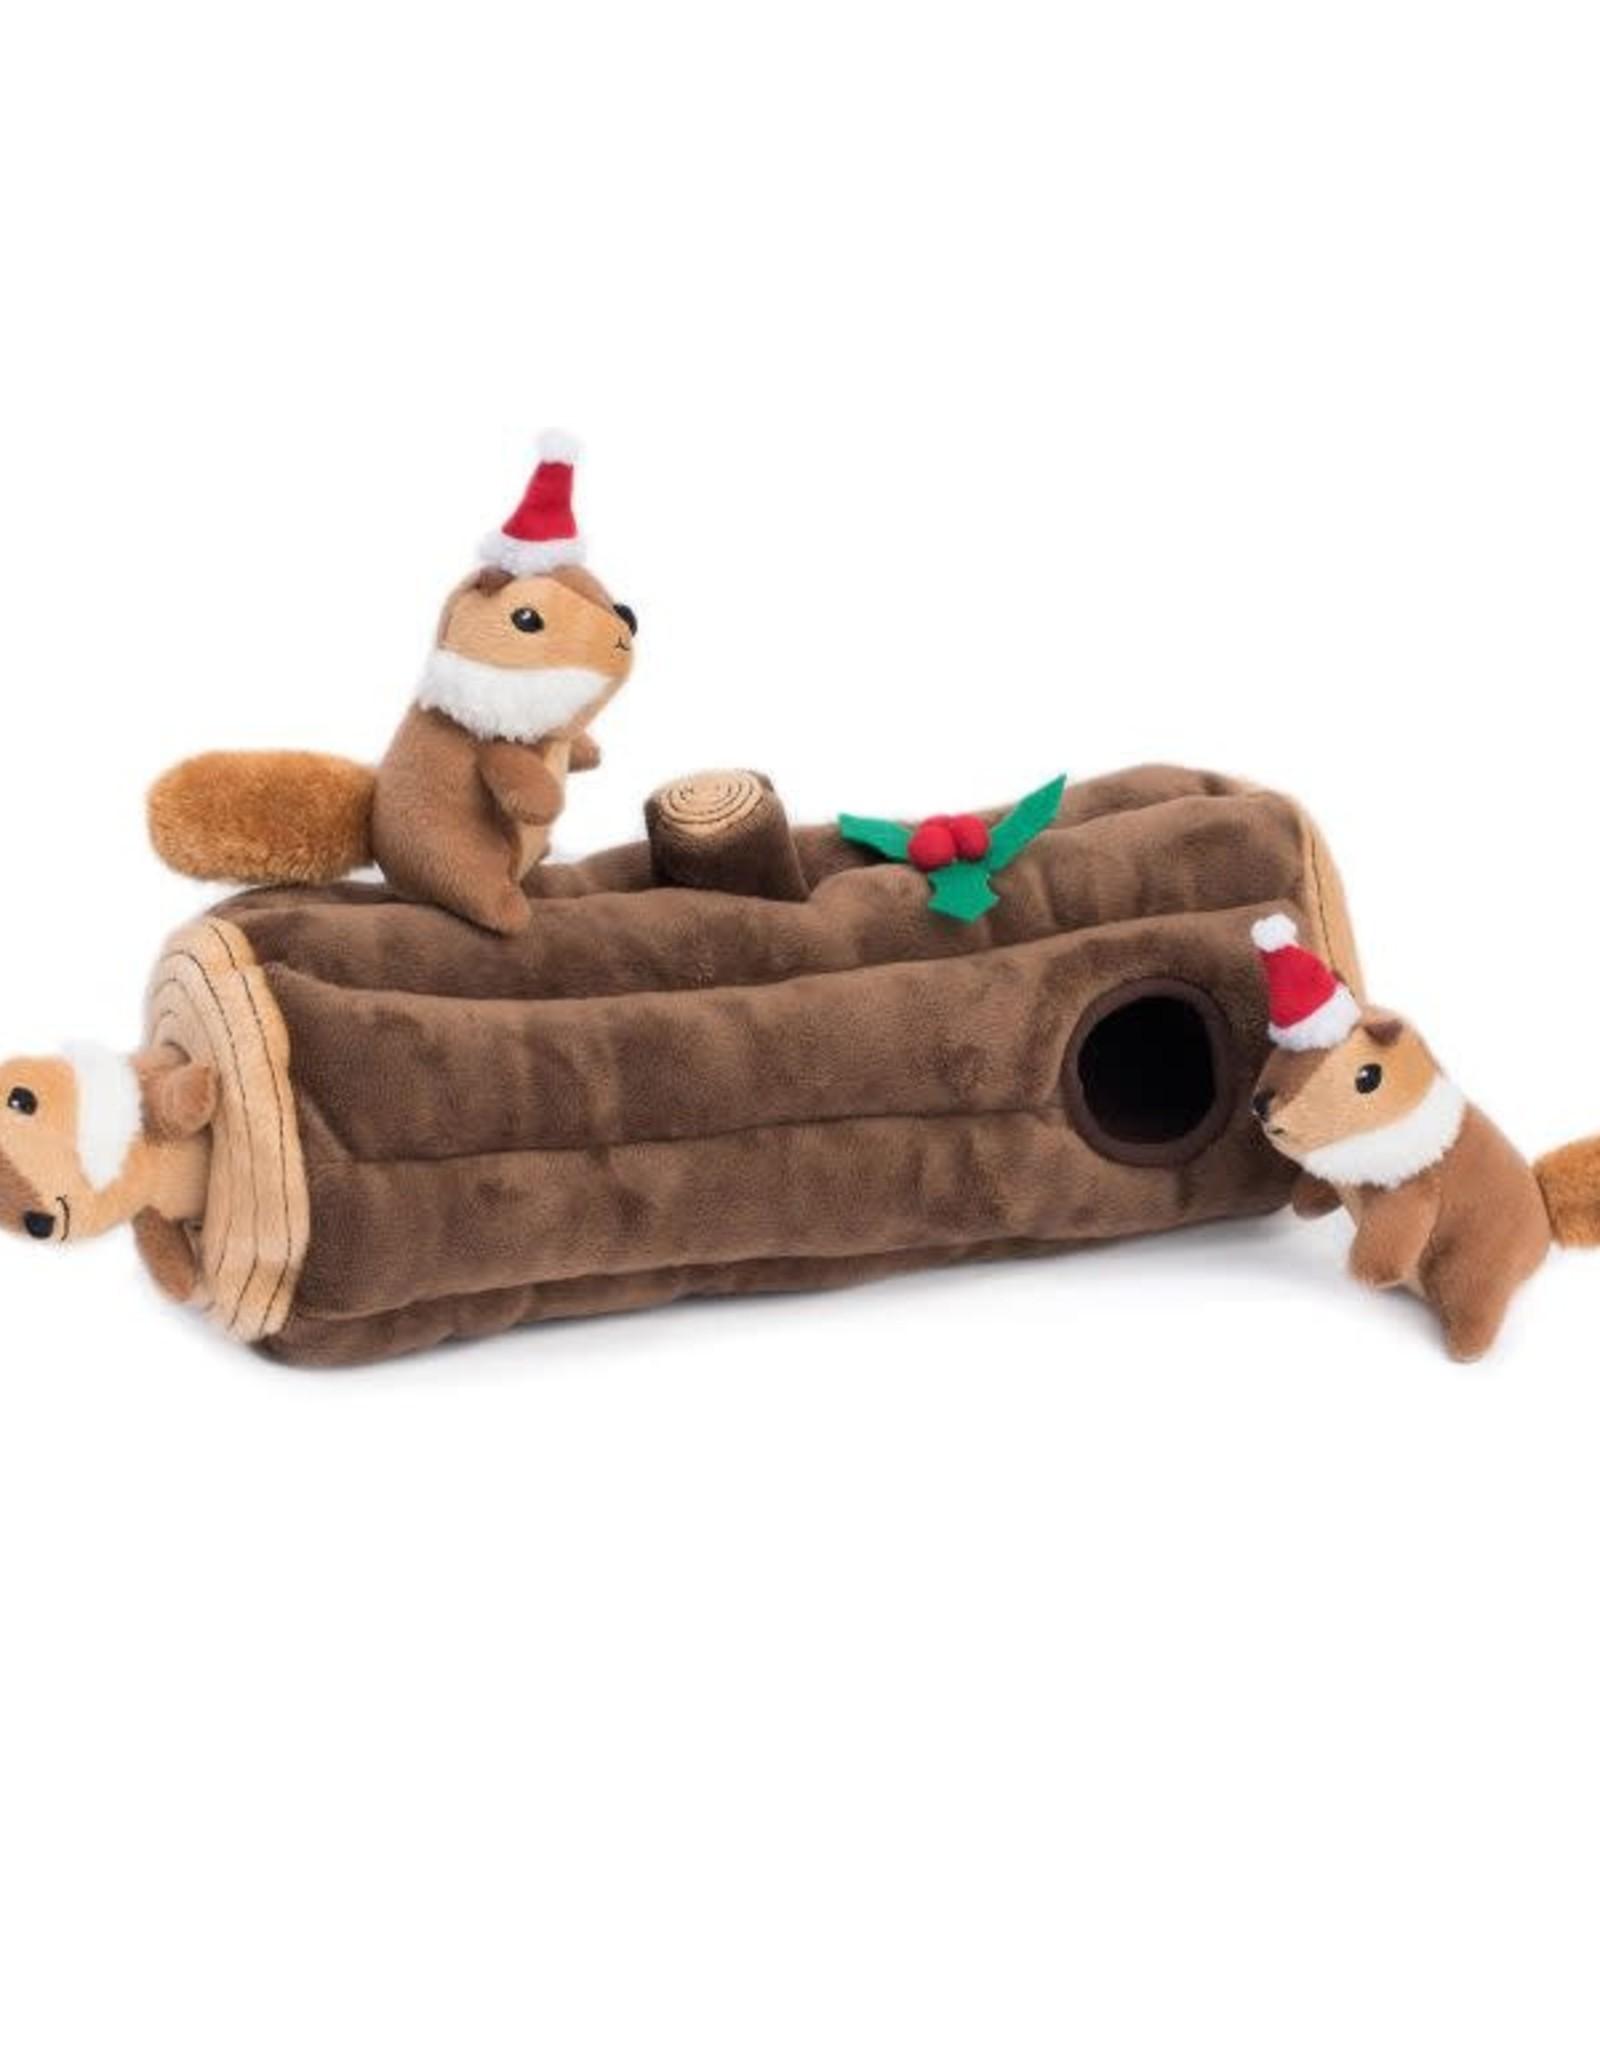 ZippyPaws ZippyPaws Holiday Burrow - Yule Log